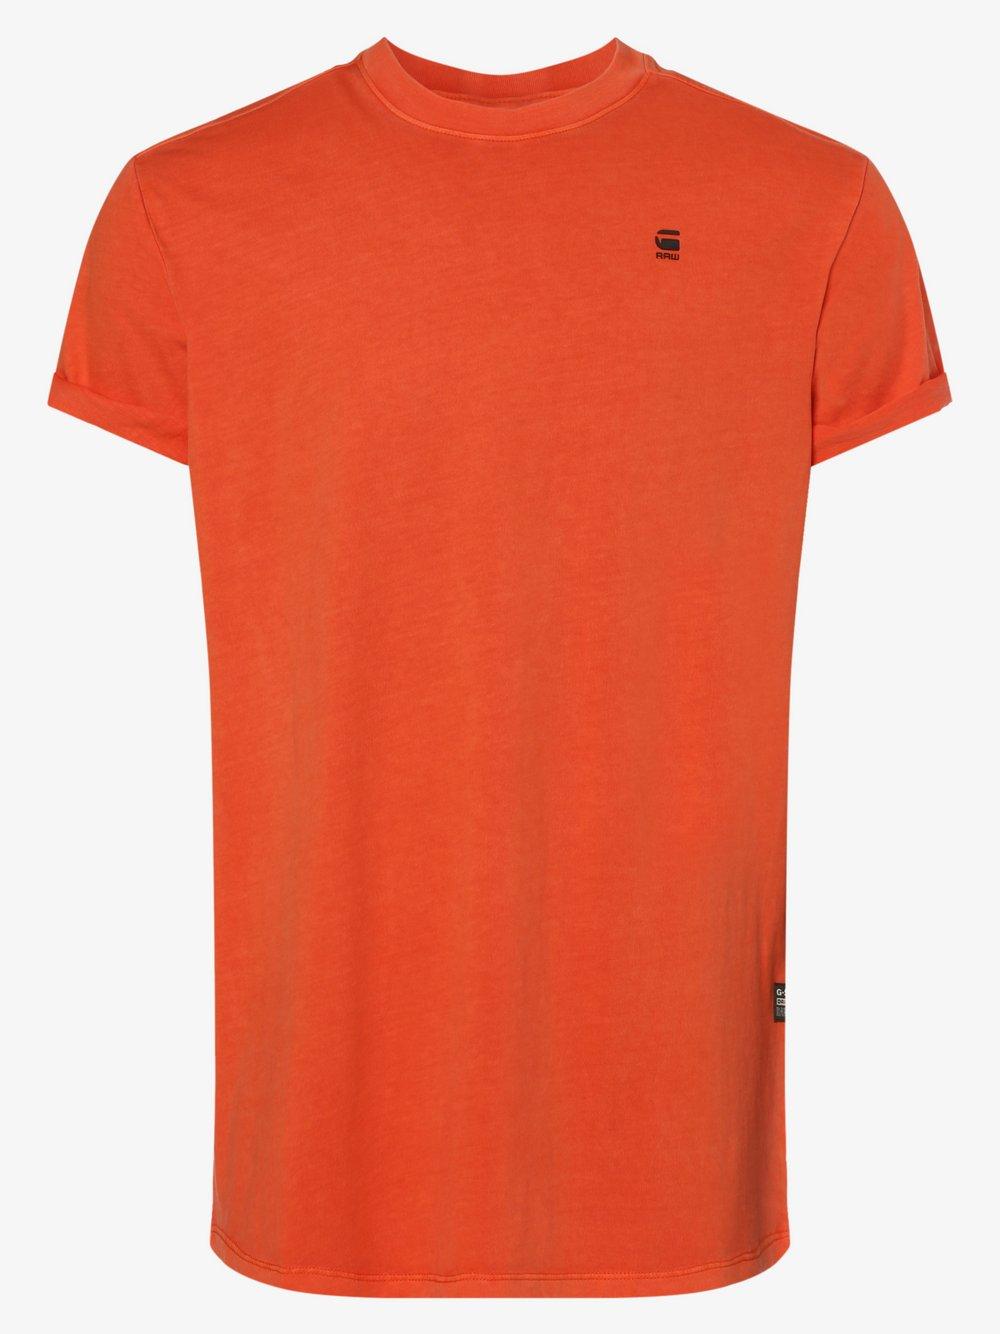 G-Star RAW - T-shirt męski, pomarańczowy